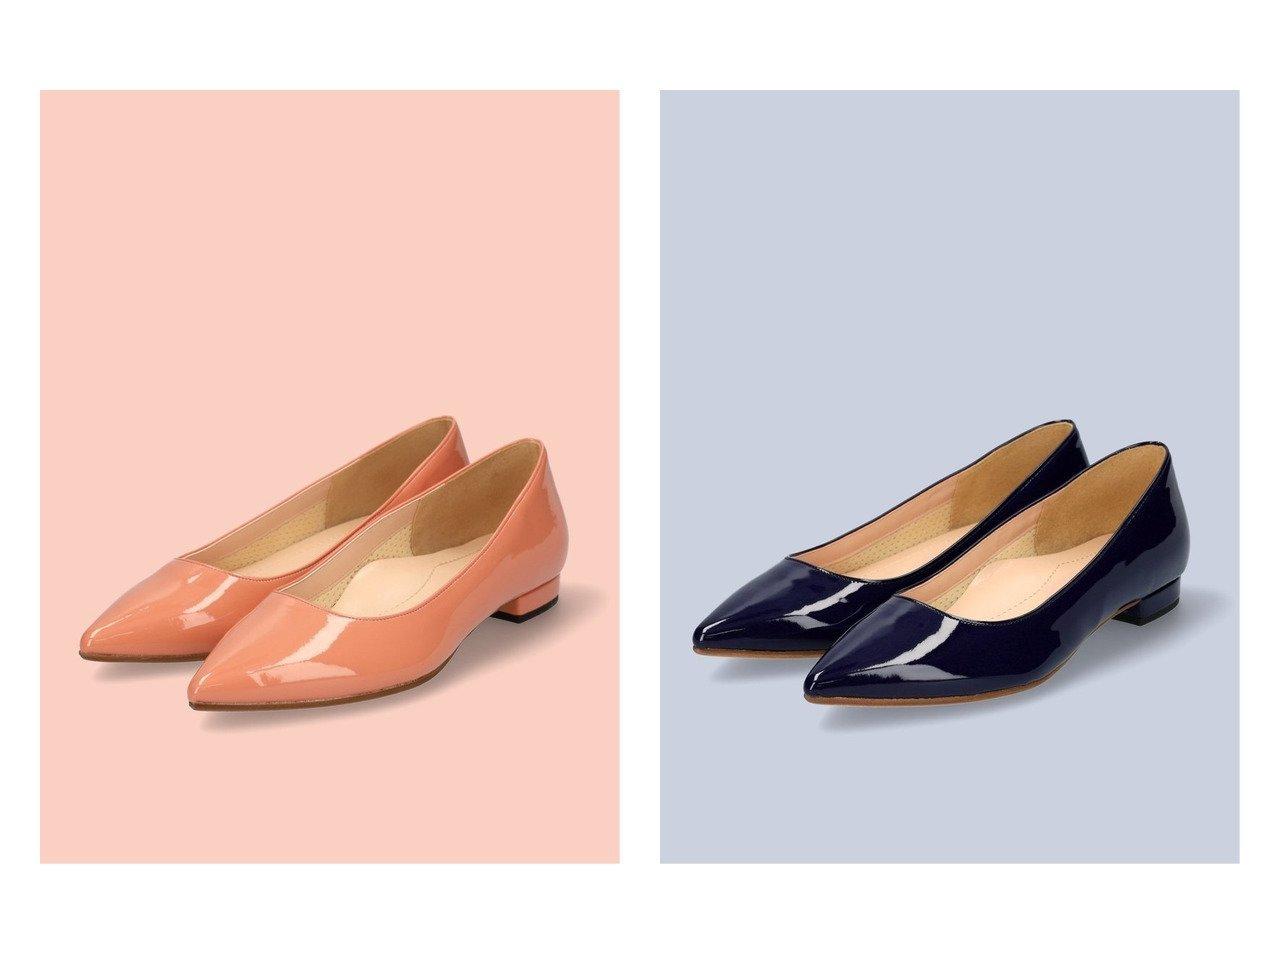 【MAMIAN/マミアン】の【iCoN】ポインテッドトゥパンプス 【シューズ・靴】おすすめ!人気トレンド・レディースファッションの通販  おすすめで人気の流行・トレンド、ファッションの通販商品 メンズファッション・キッズファッション・インテリア・家具・レディースファッション・服の通販 founy(ファニー) https://founy.com/ ファッション Fashion レディースファッション WOMEN エナメル クッション ケミカル シューズ ハイヒール フィット フラット メッシュ リアル |ID:crp329100000029632